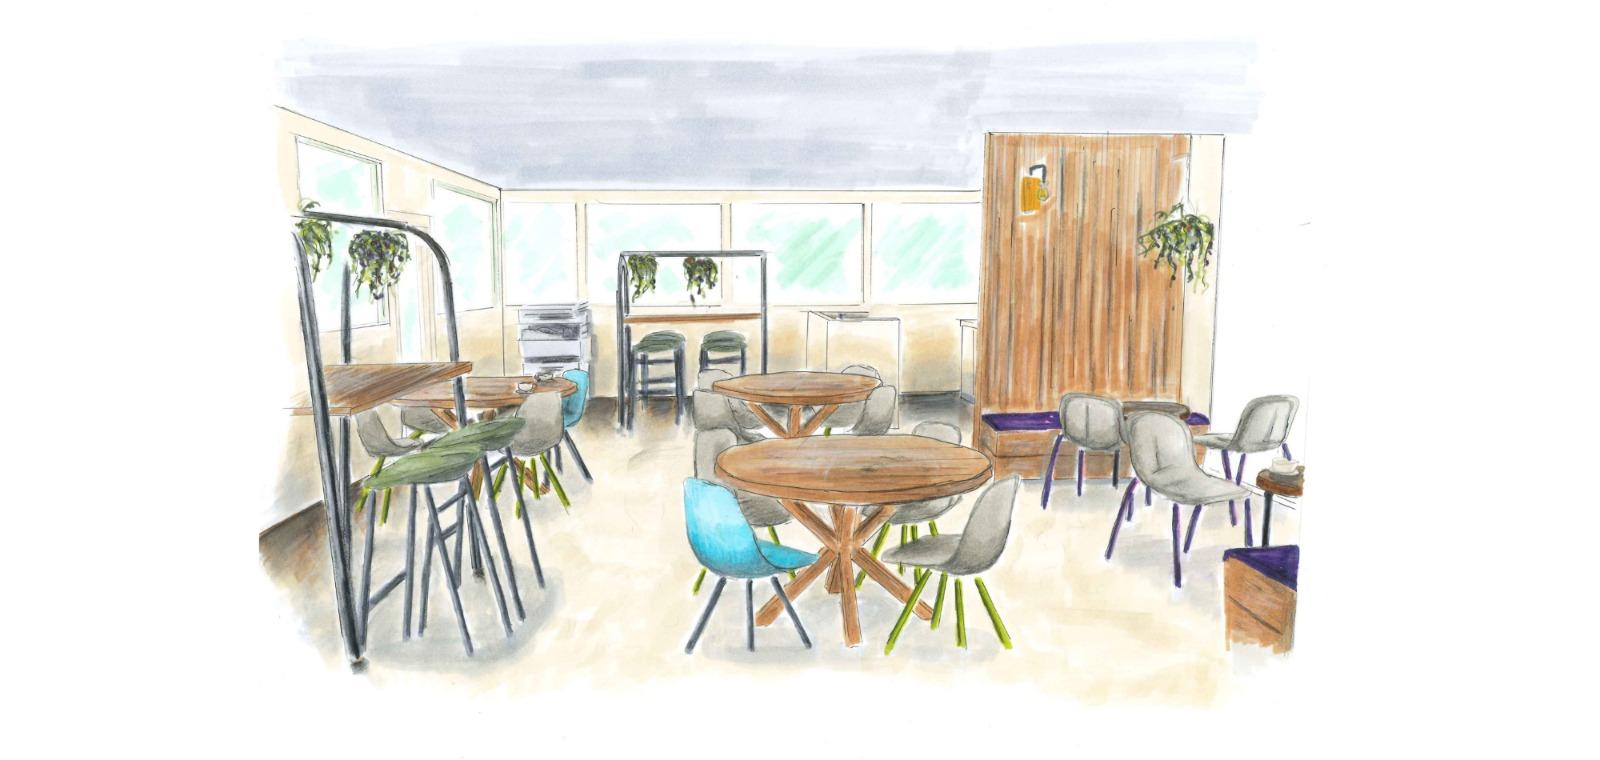 Personeelsruimte Adres Hogeschool Almere Sketch